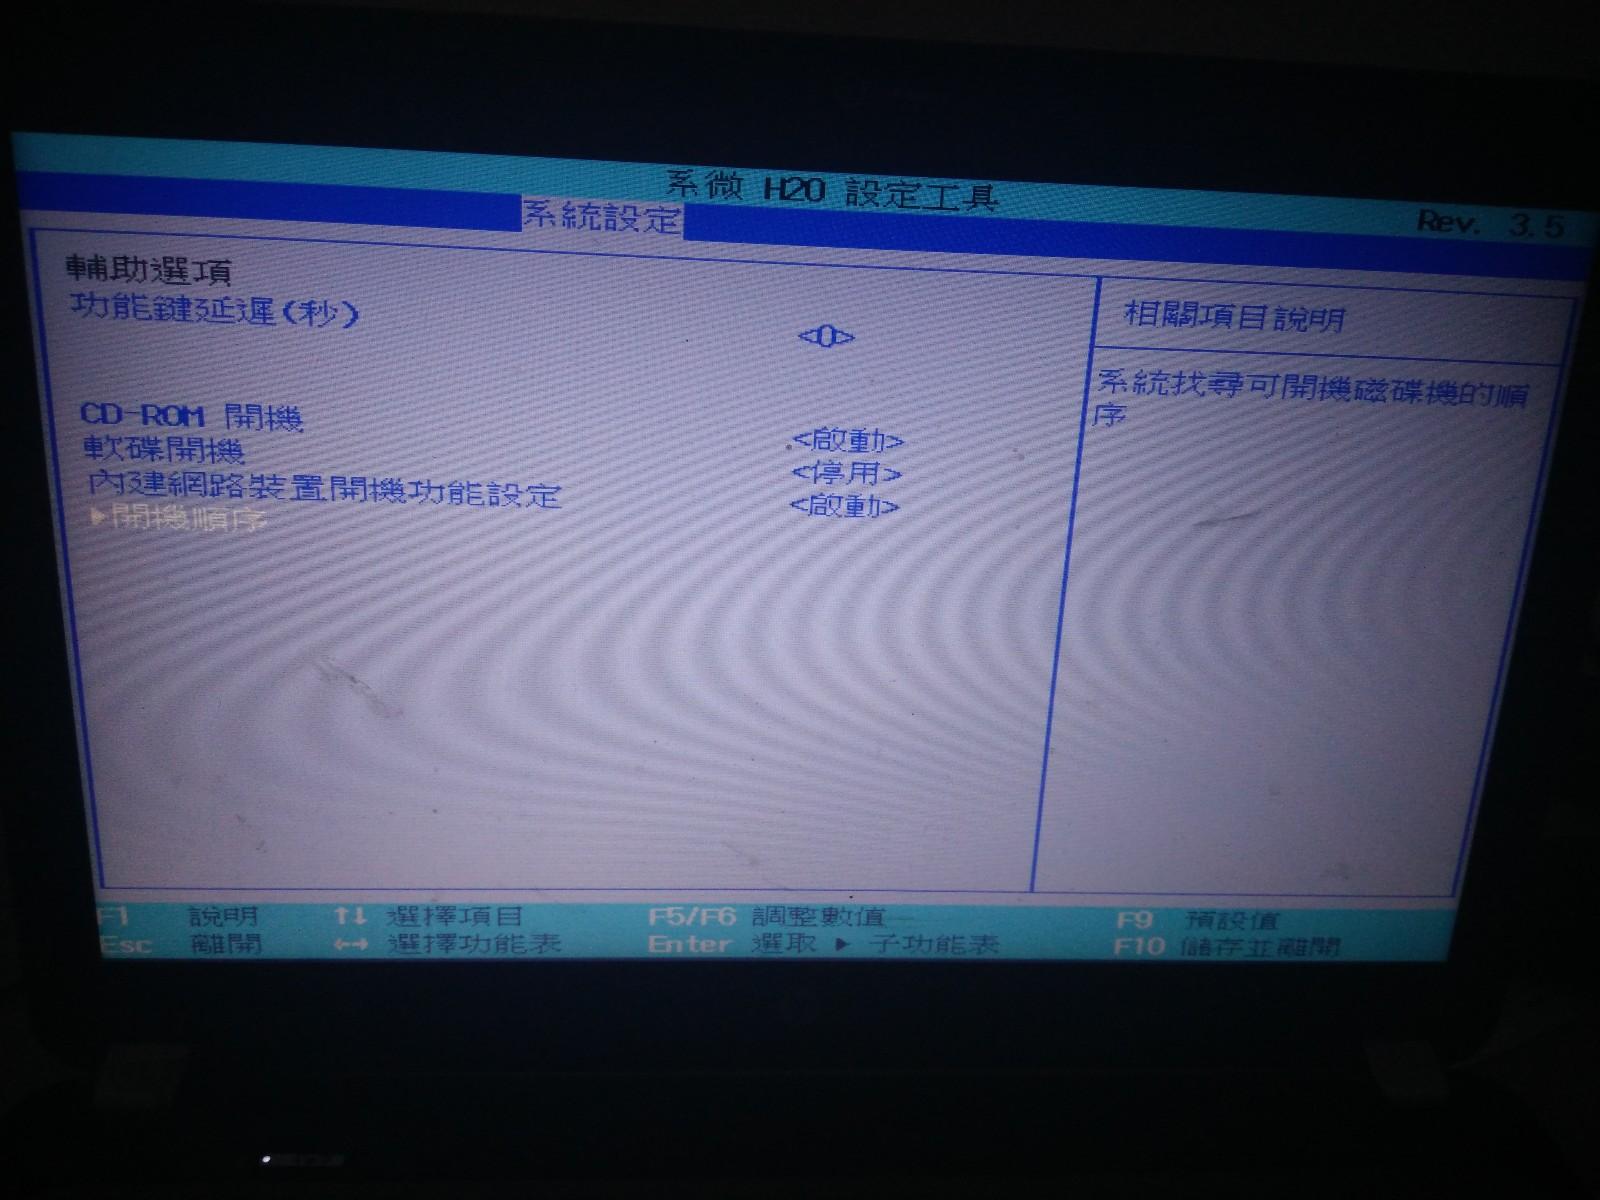 惠普584029aa1设置不了U盘启动_百度知道